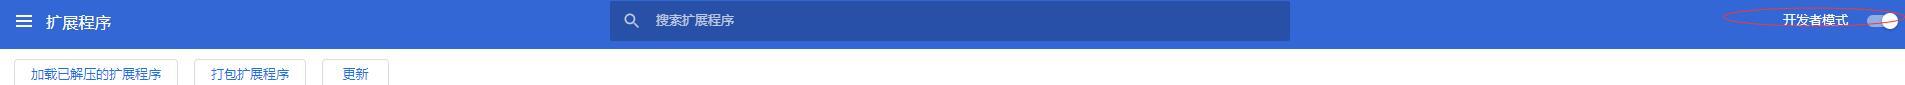 谷歌浏览器代理插件,Google Chrome浏览器代理设置插件,Proxy SwitchyOmega,SwitchySharp 互联网IT 第2张